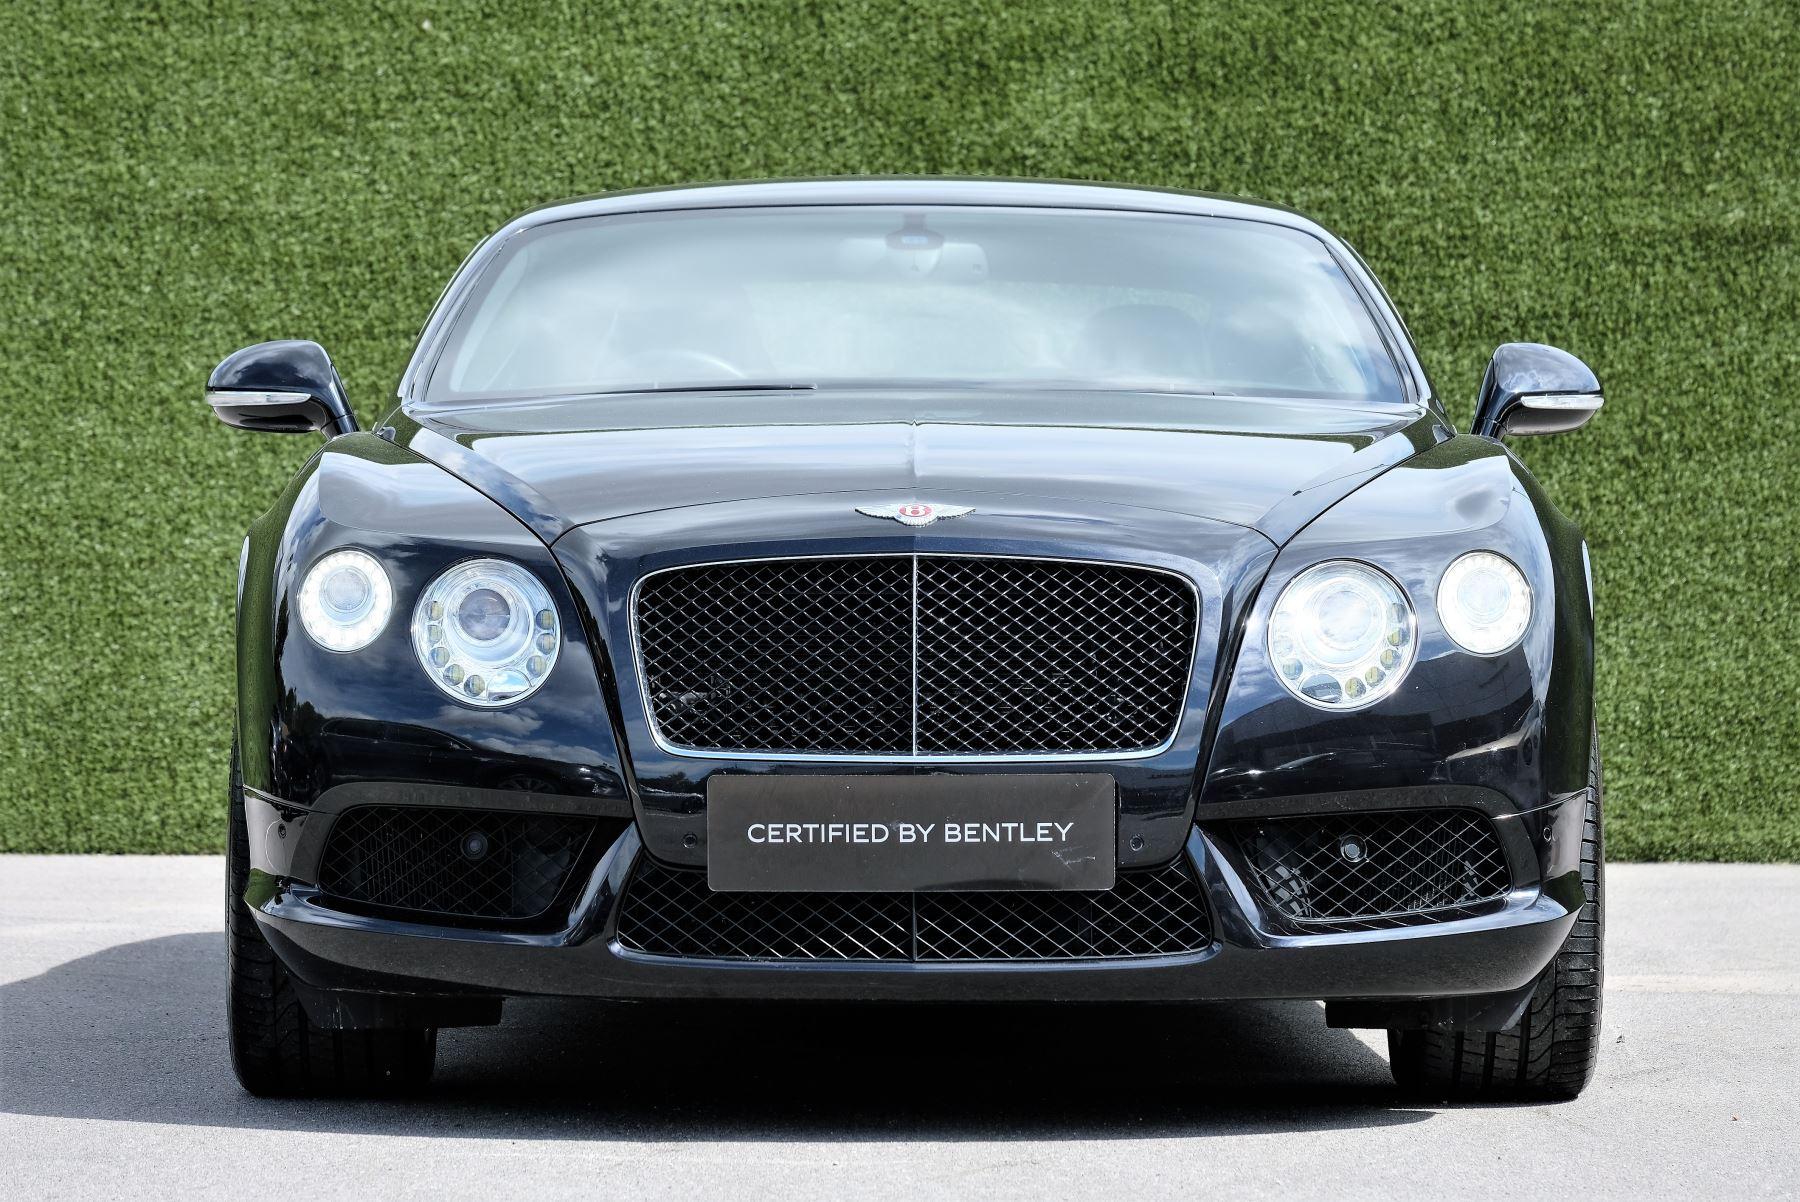 Bentley Continental GT 4.0 V8 2dr image 3